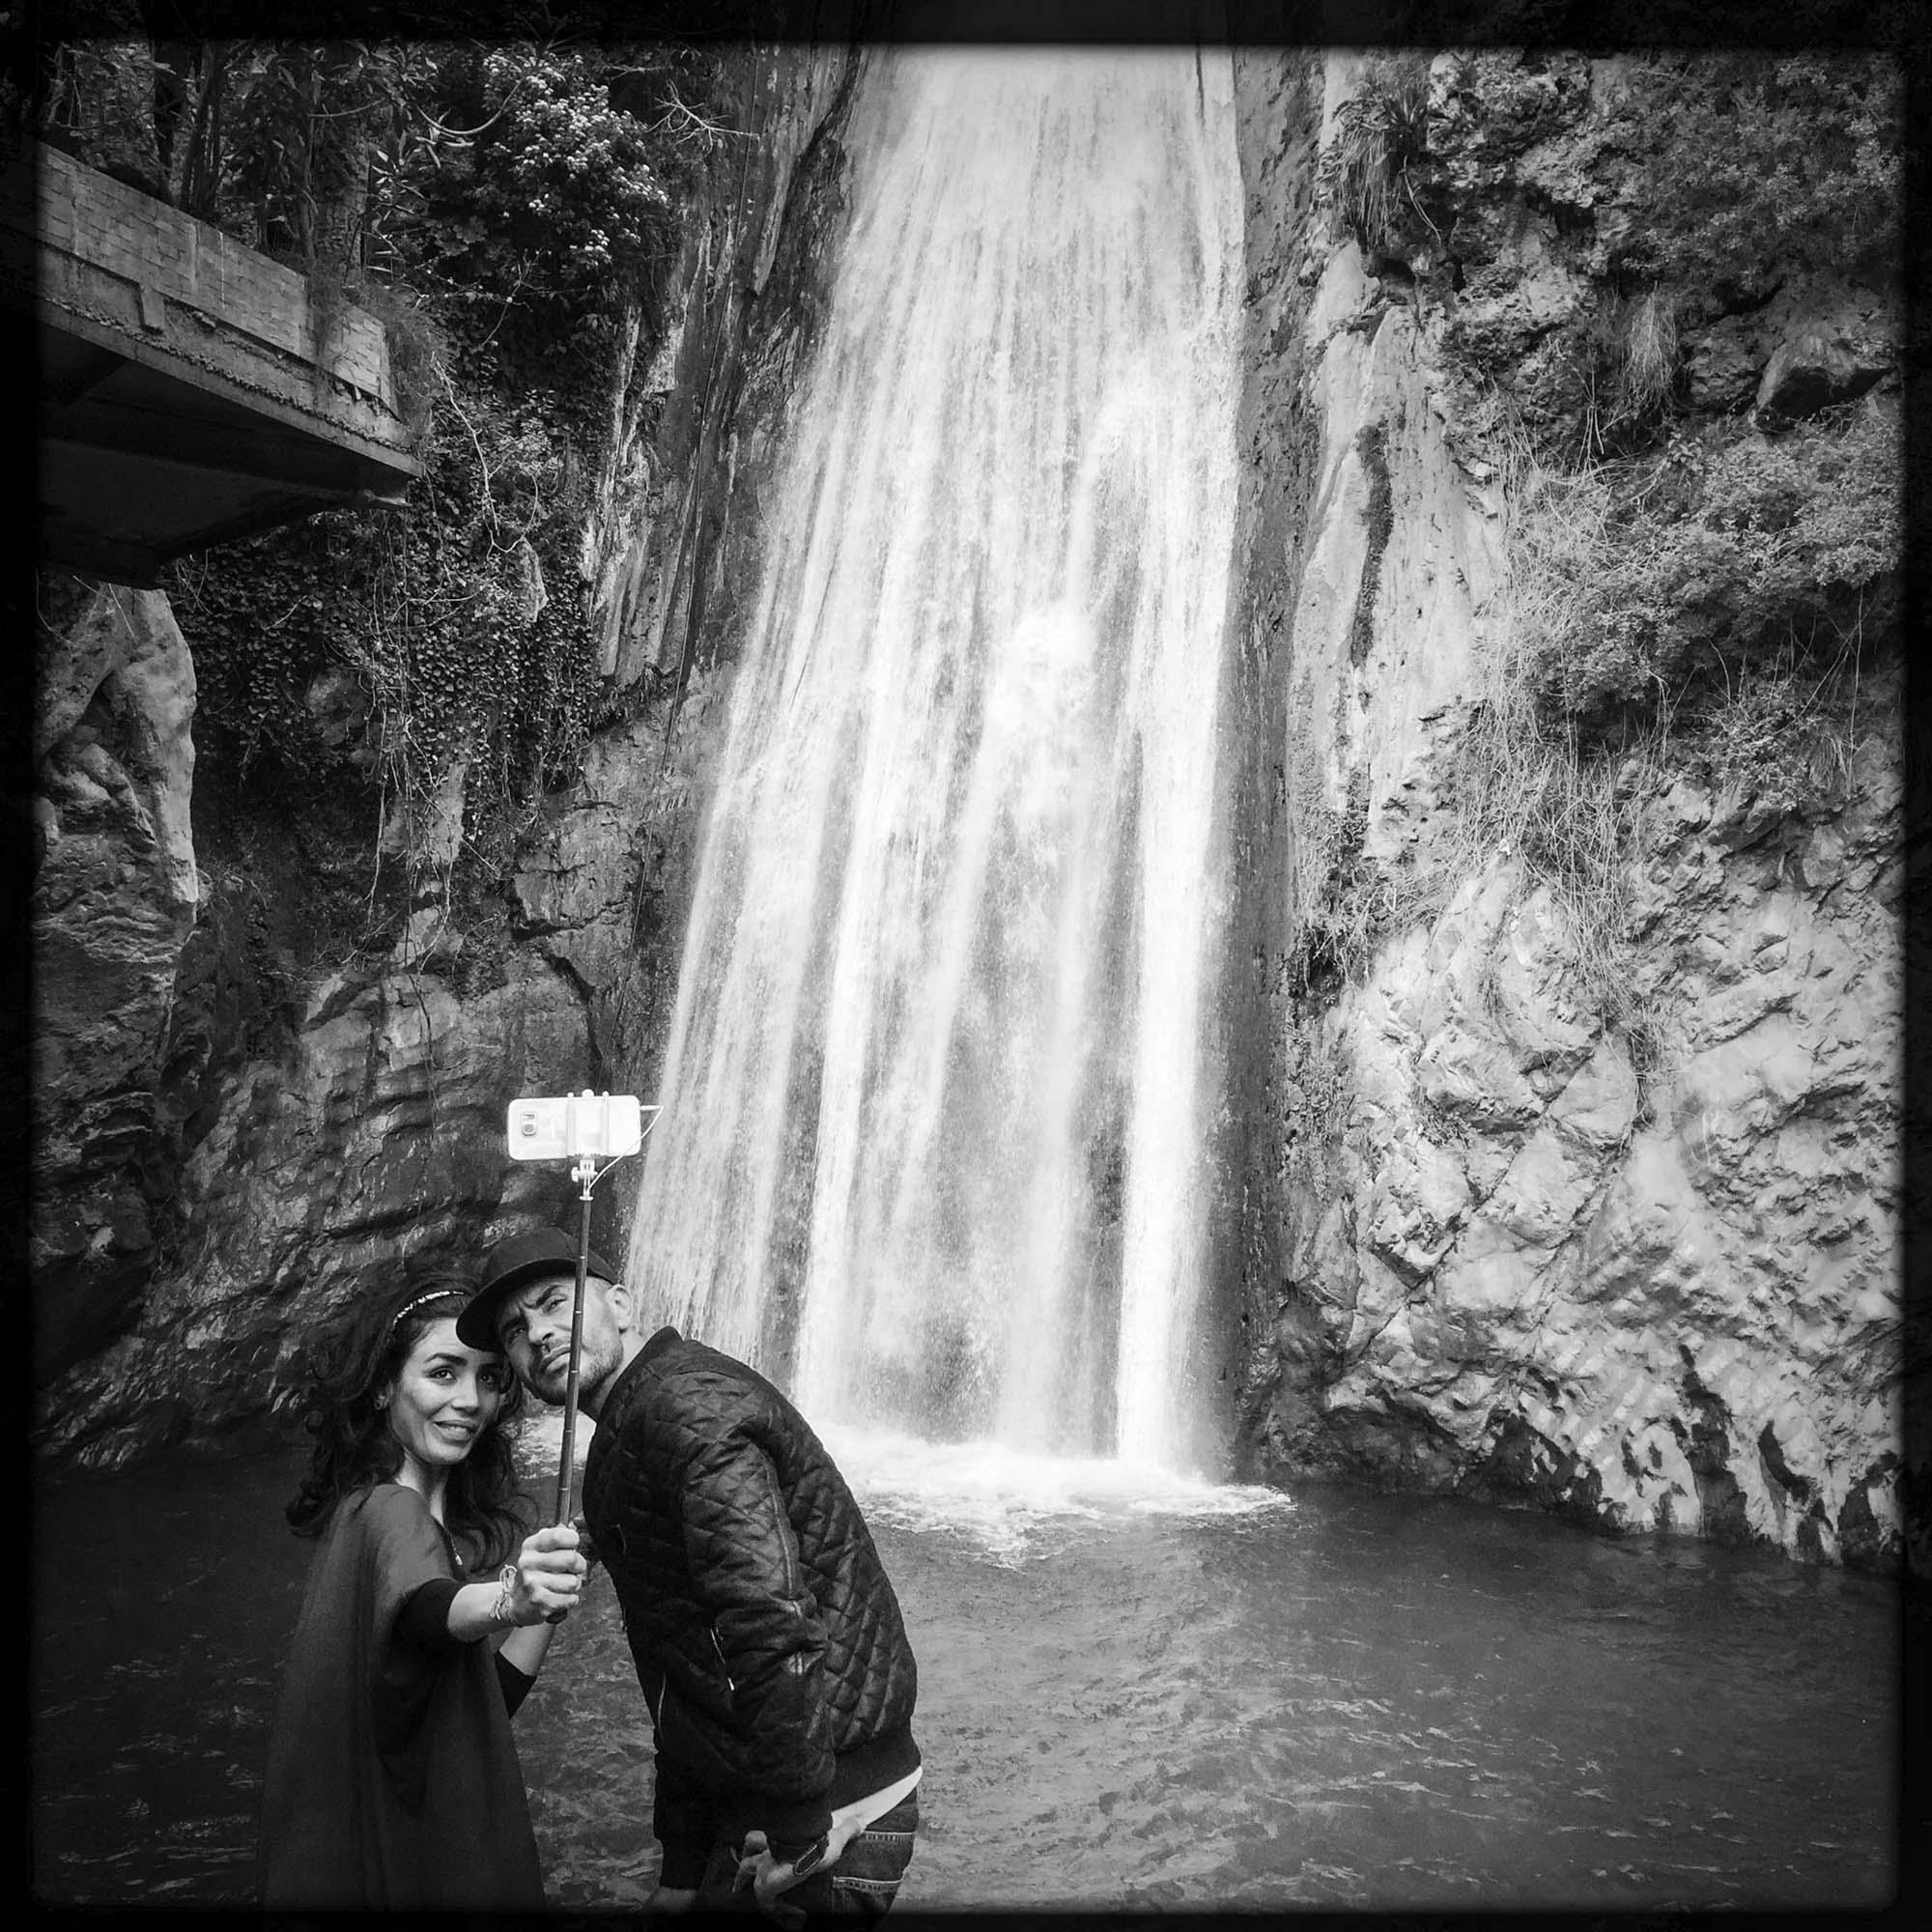 Selfie entre amoureux devant des chutes d'eau en Kabylie. 13/02/2016, ALGERIE.